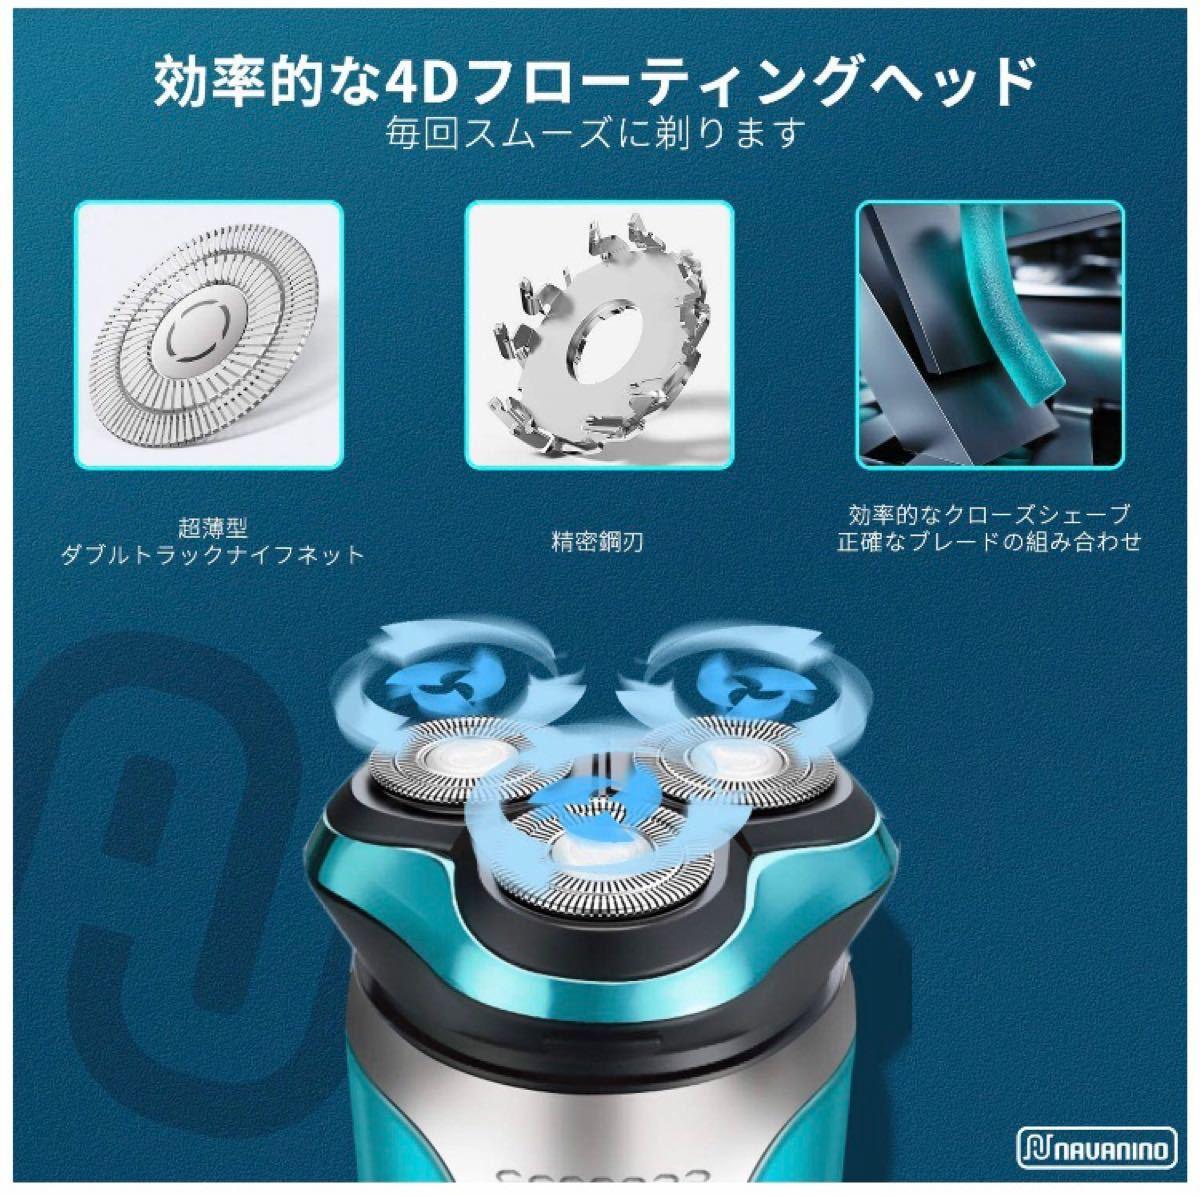 電動シェーバー 多機能ひげそり LEDディスプレイ メンズ 回転式 丸洗い可